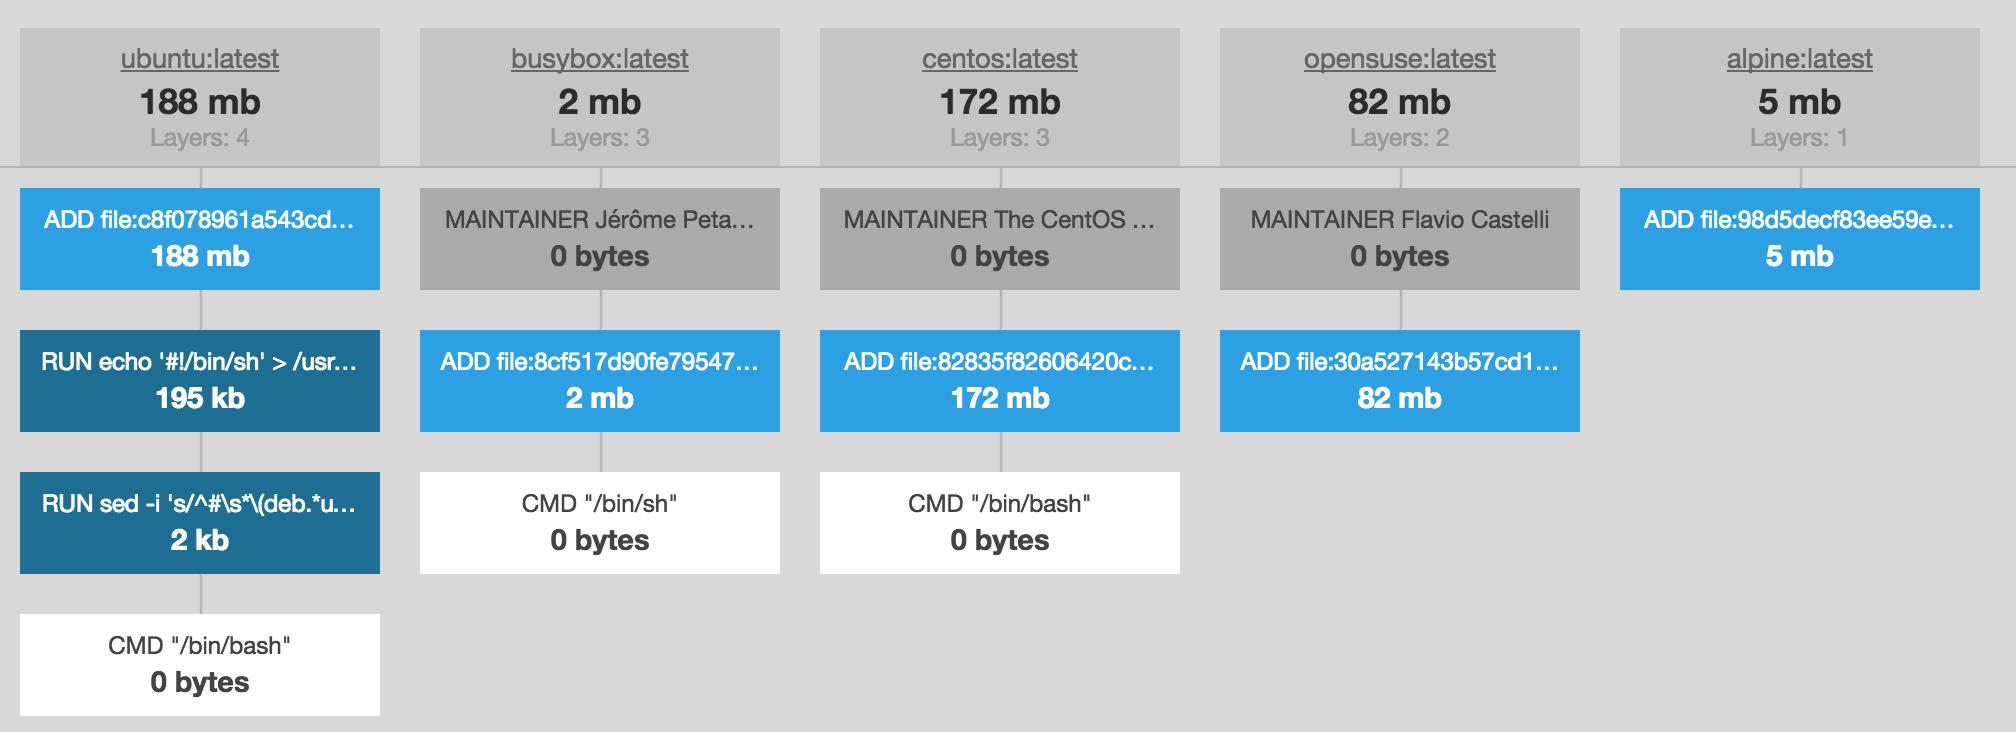 Docker Image Size Comparison